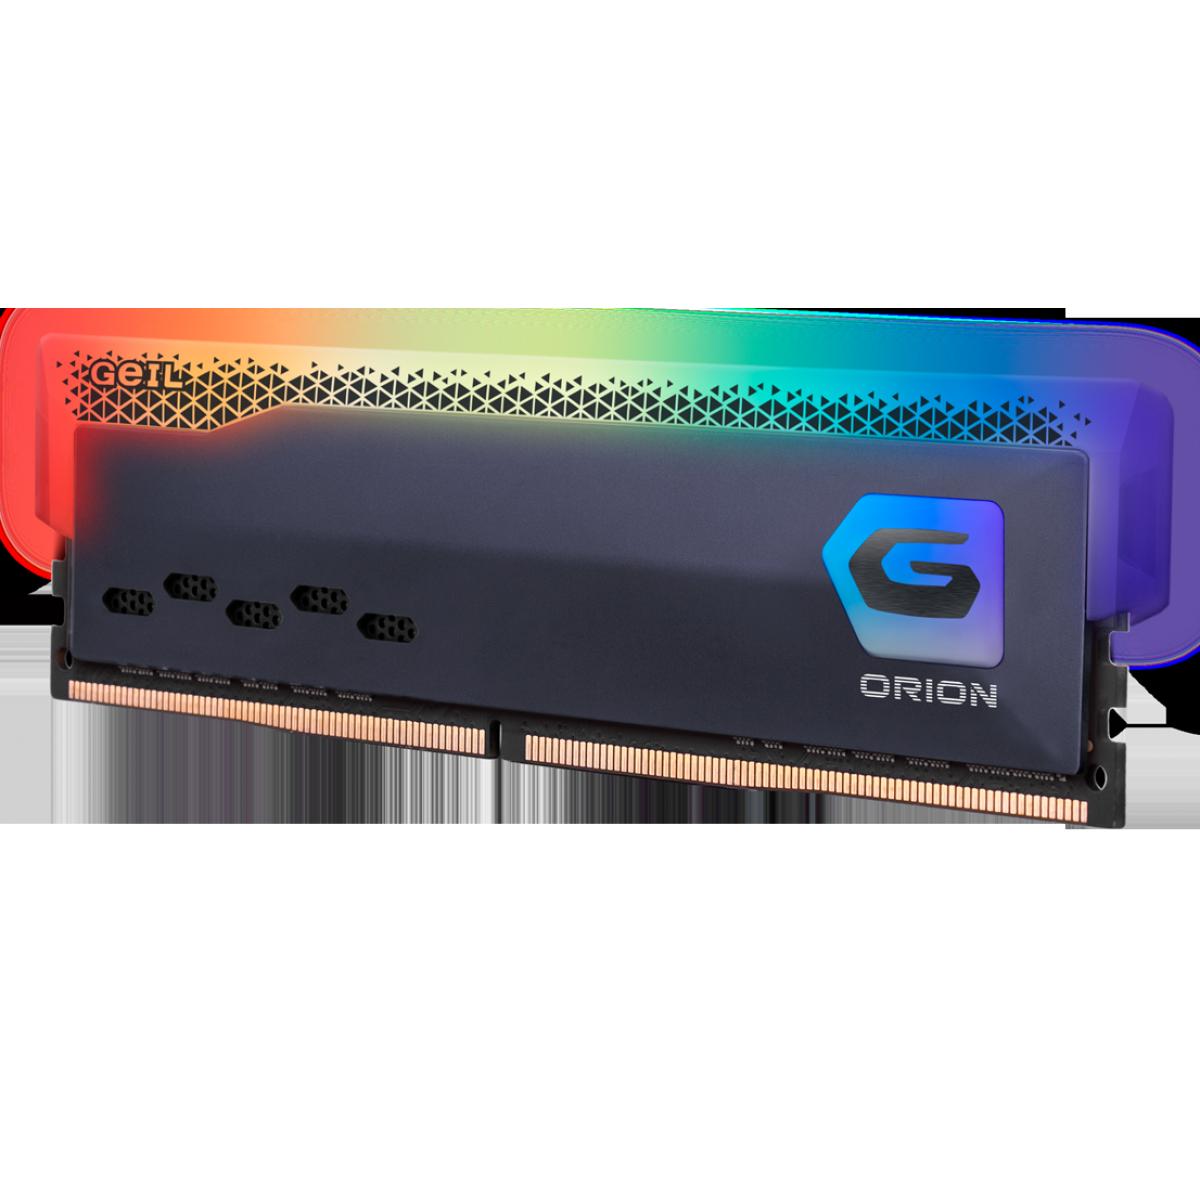 Memória DDR4 Geil Orion RGB, Edição AMD, 16GB, 3000MHz, Gray, GAOSG416GB3000C16ASC